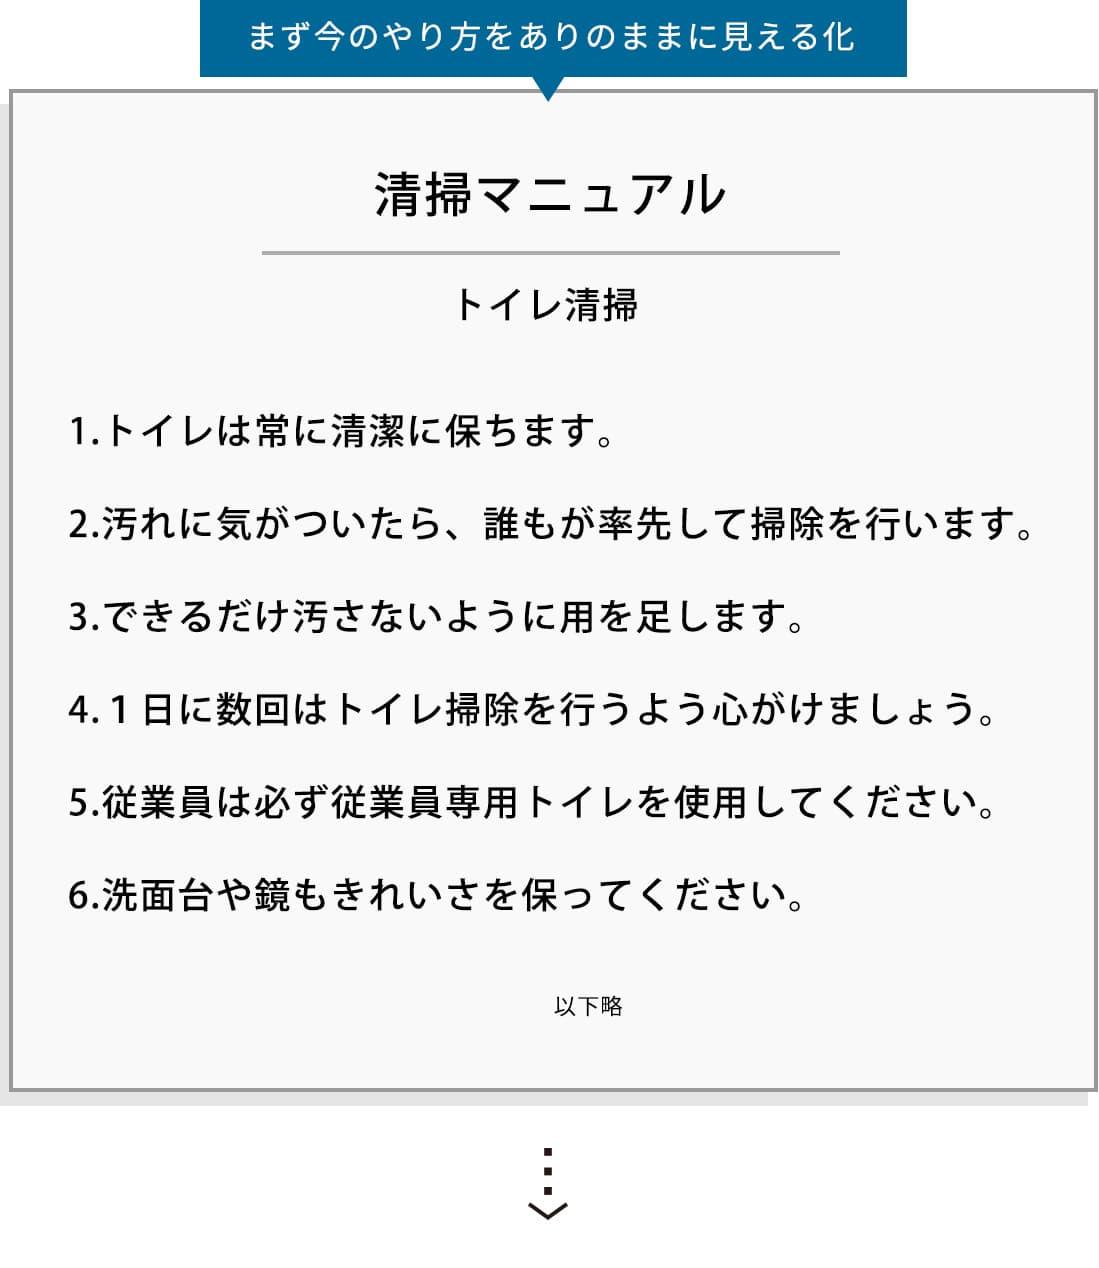 元のマニュアル / 清掃マニュアル -トイレ清掃-